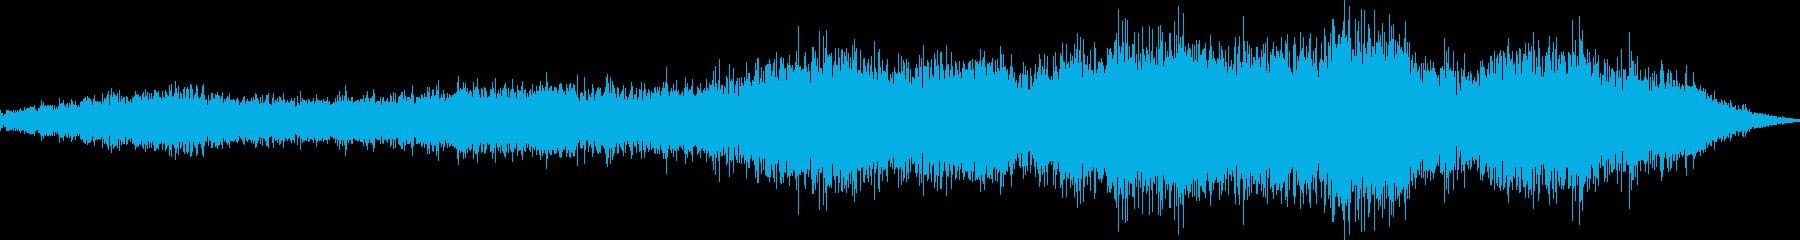 ナイトストーカー2201 ZGの再生済みの波形